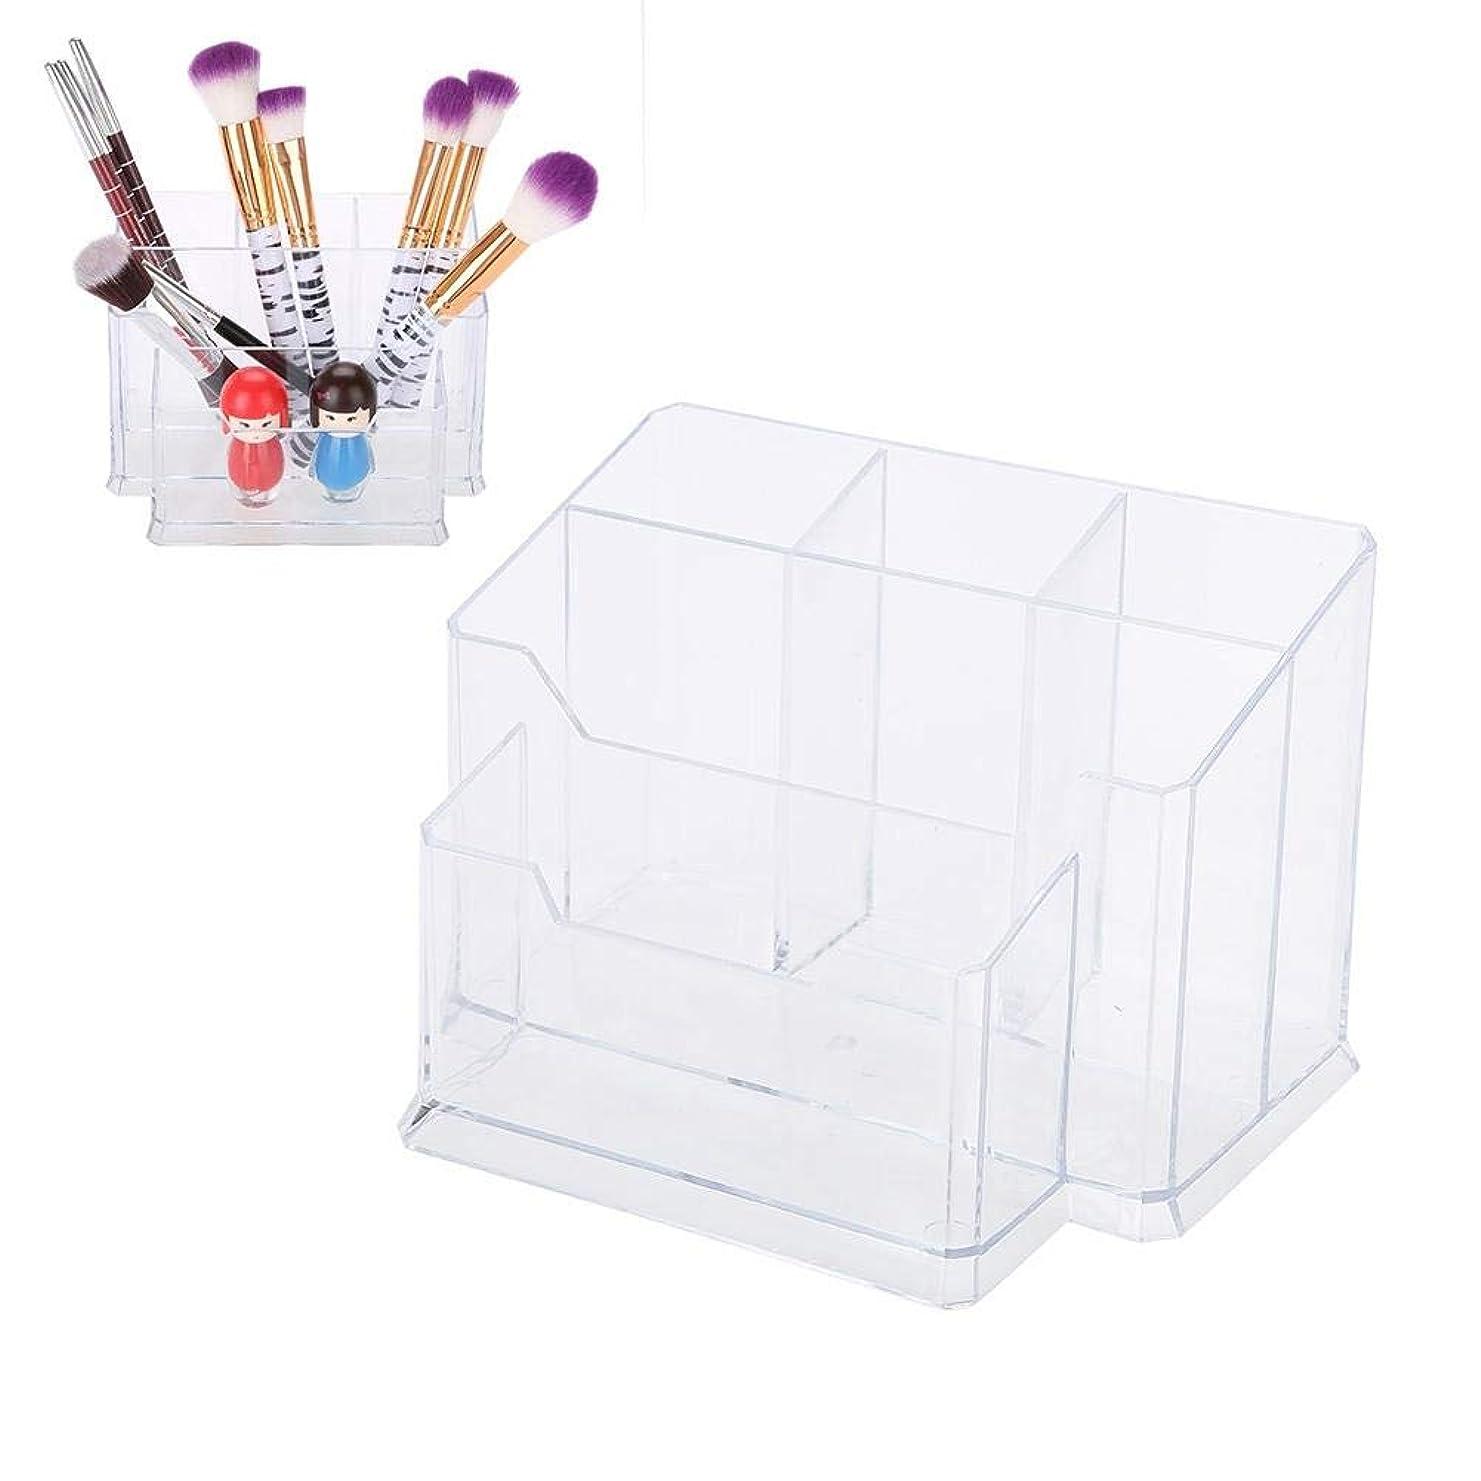 爆発するスカリー同じ化粧ブラシ収納ボックス アクリル製 コスメ収納 スタンド 口紅 リップ 小物入れ 透明